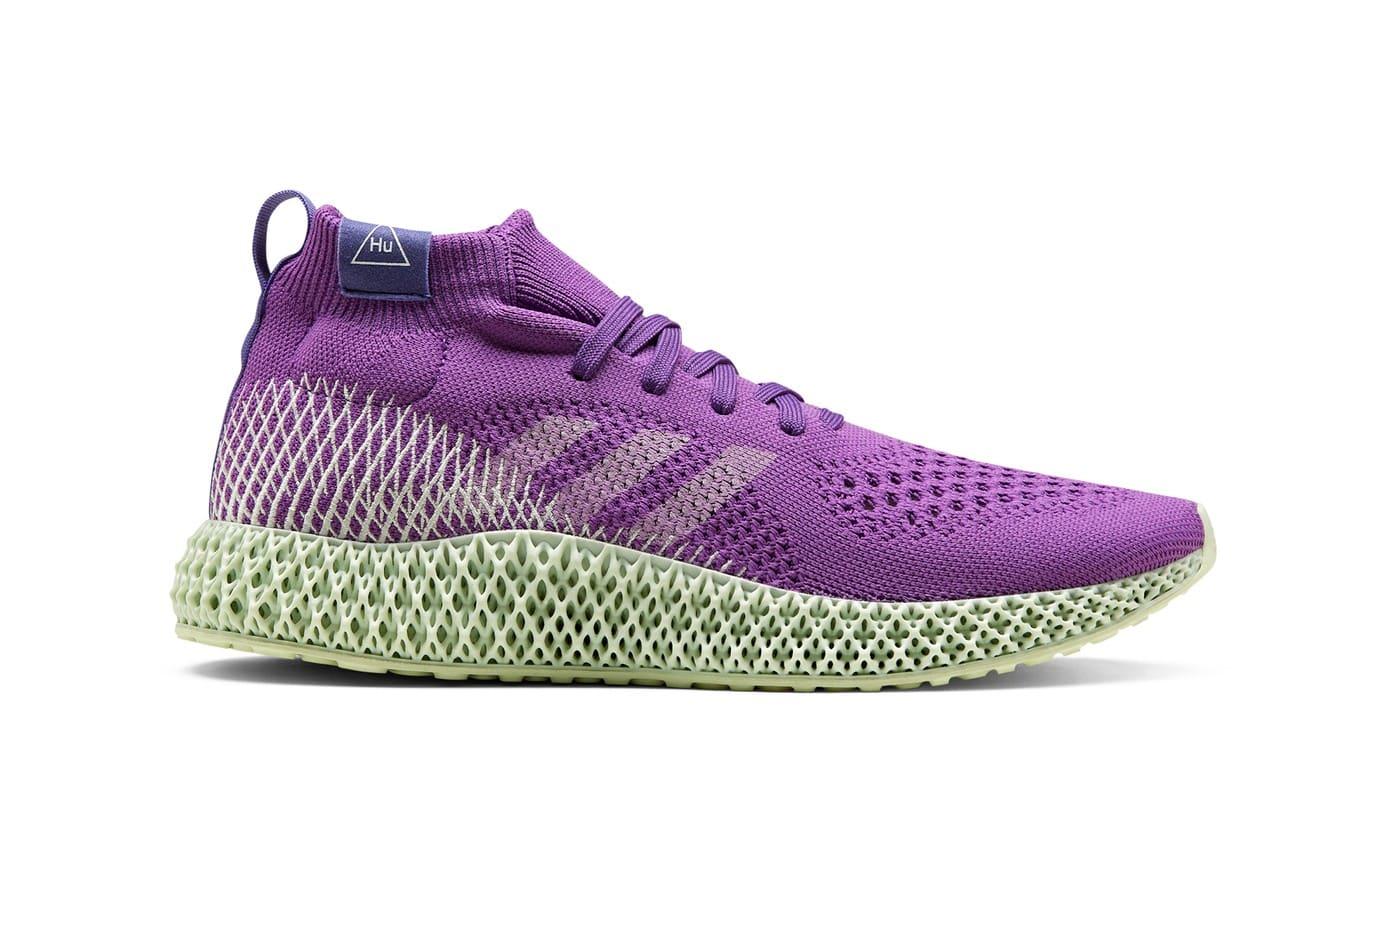 adidas-pharrell-williams-alphaedge-4d-chaussures-running-runpack-1